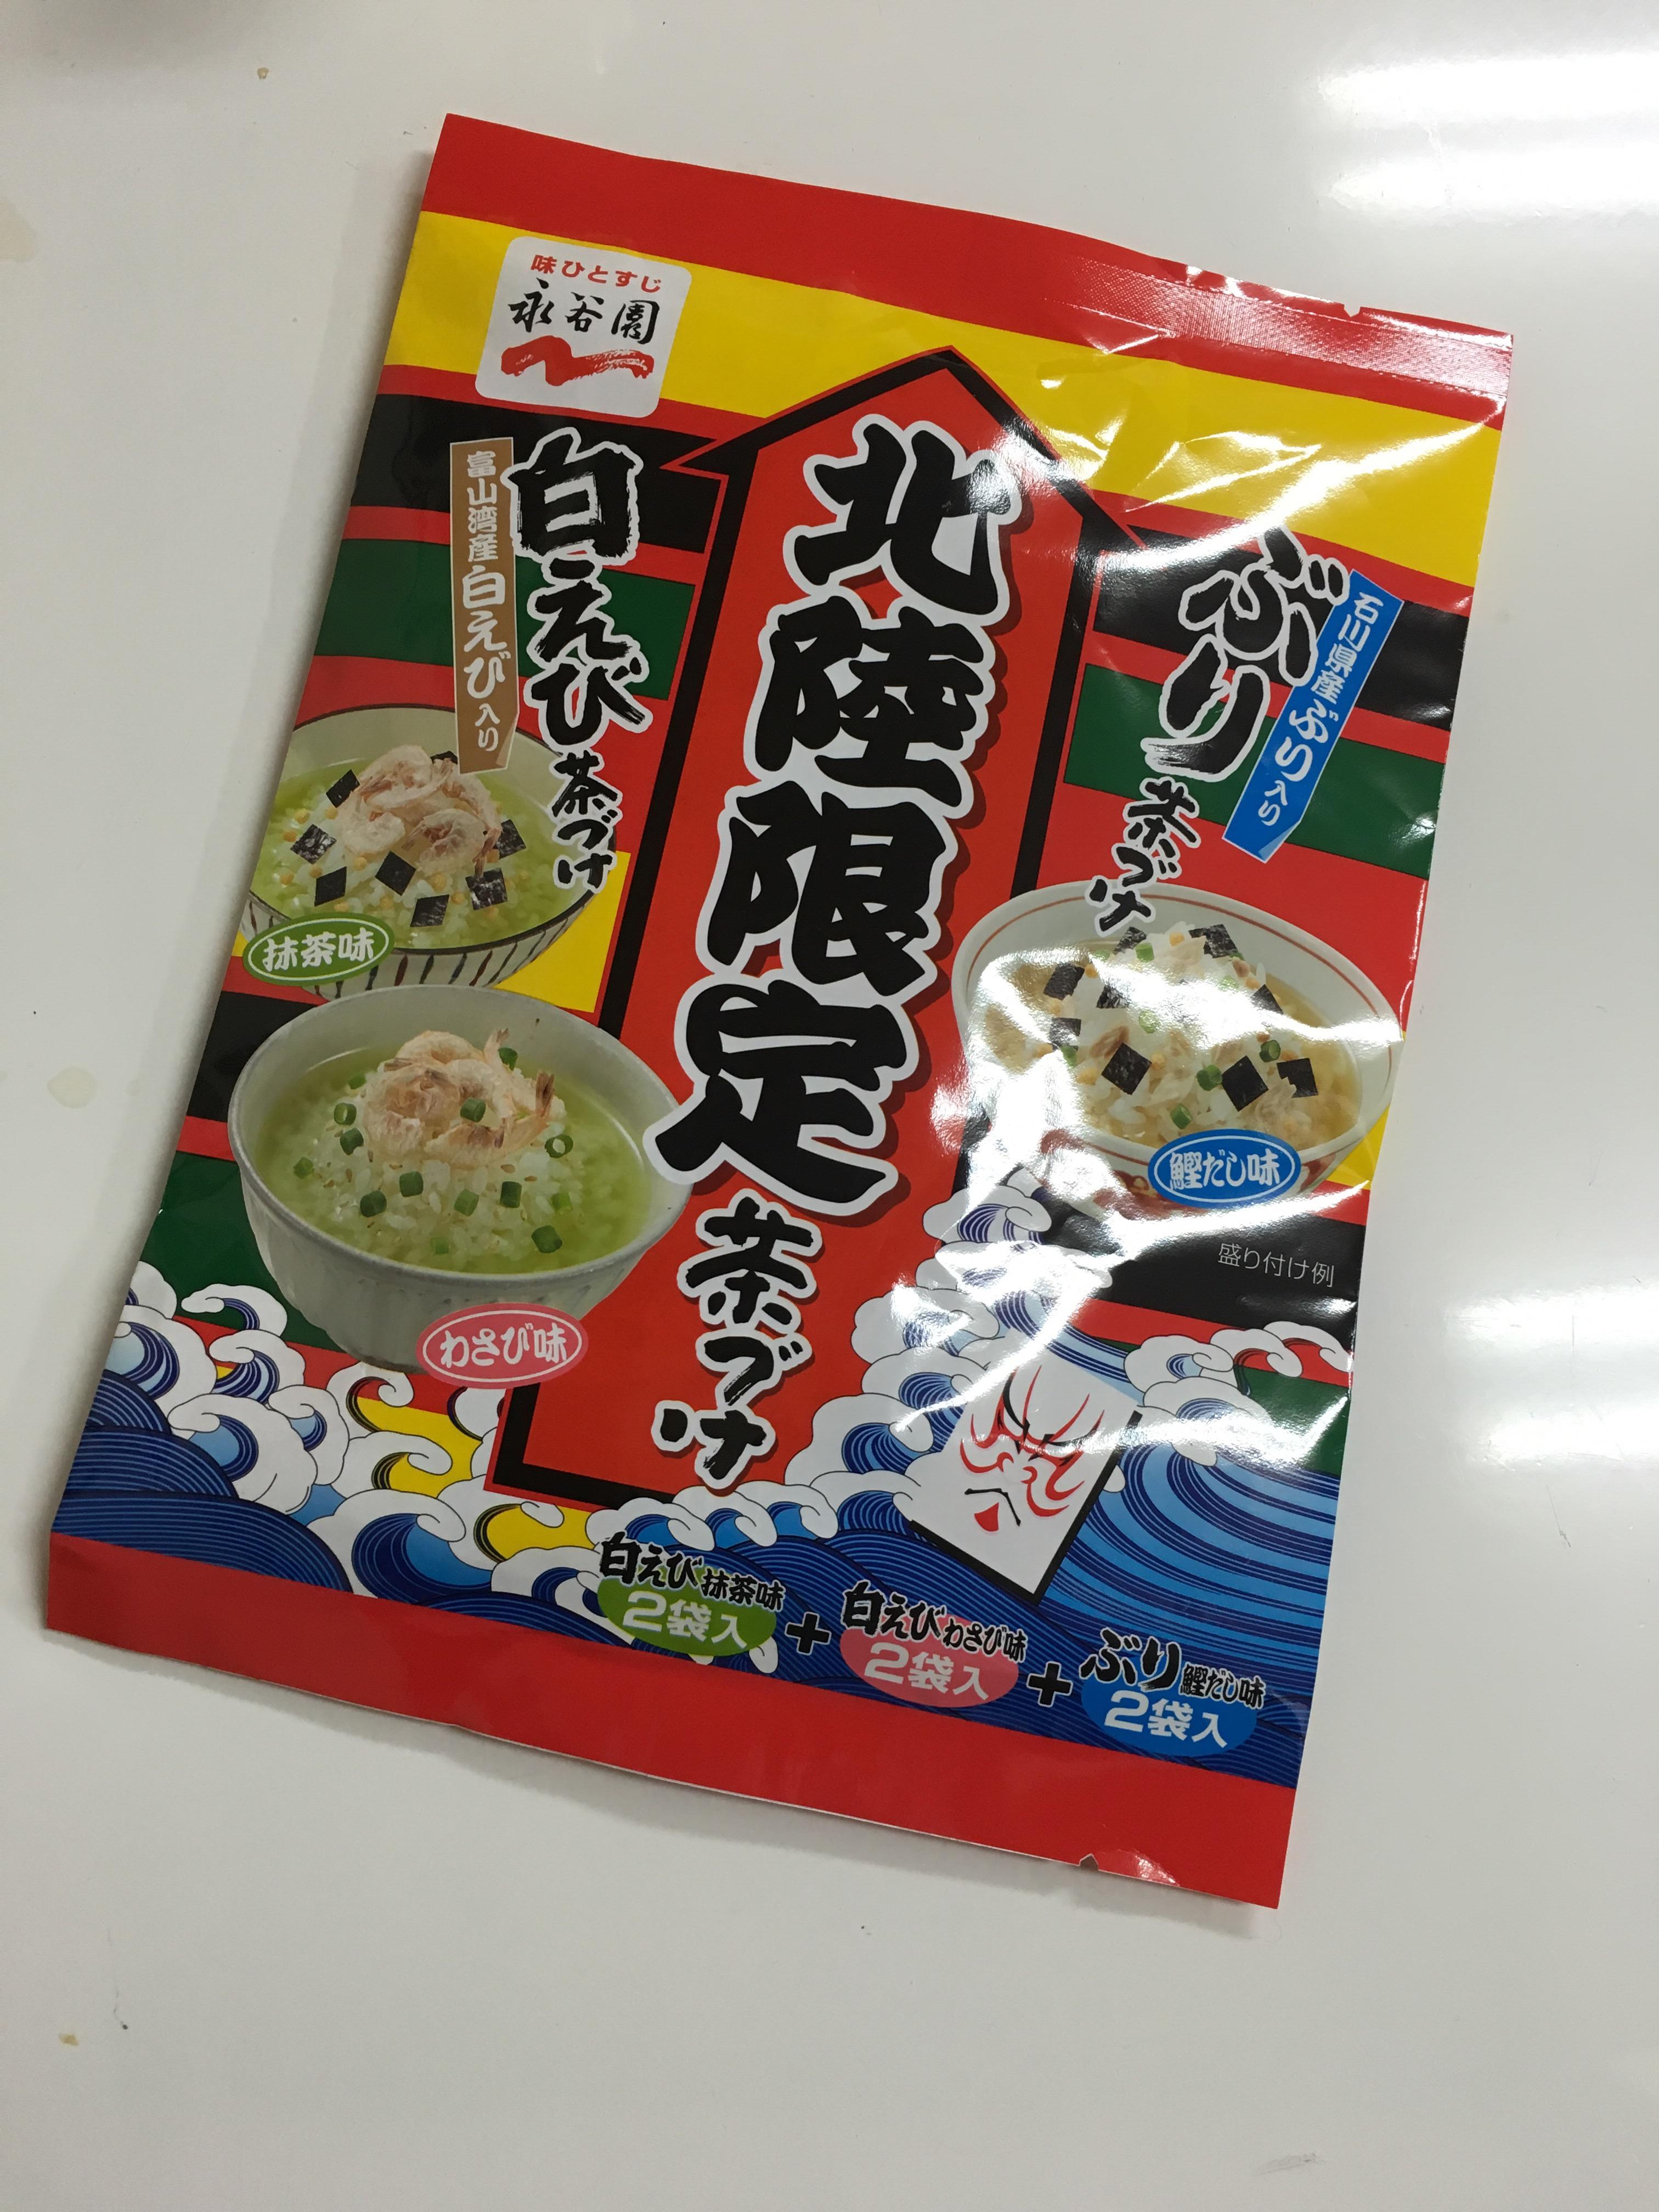 永谷園の「北陸限定茶漬け」は本当に美味しいです!